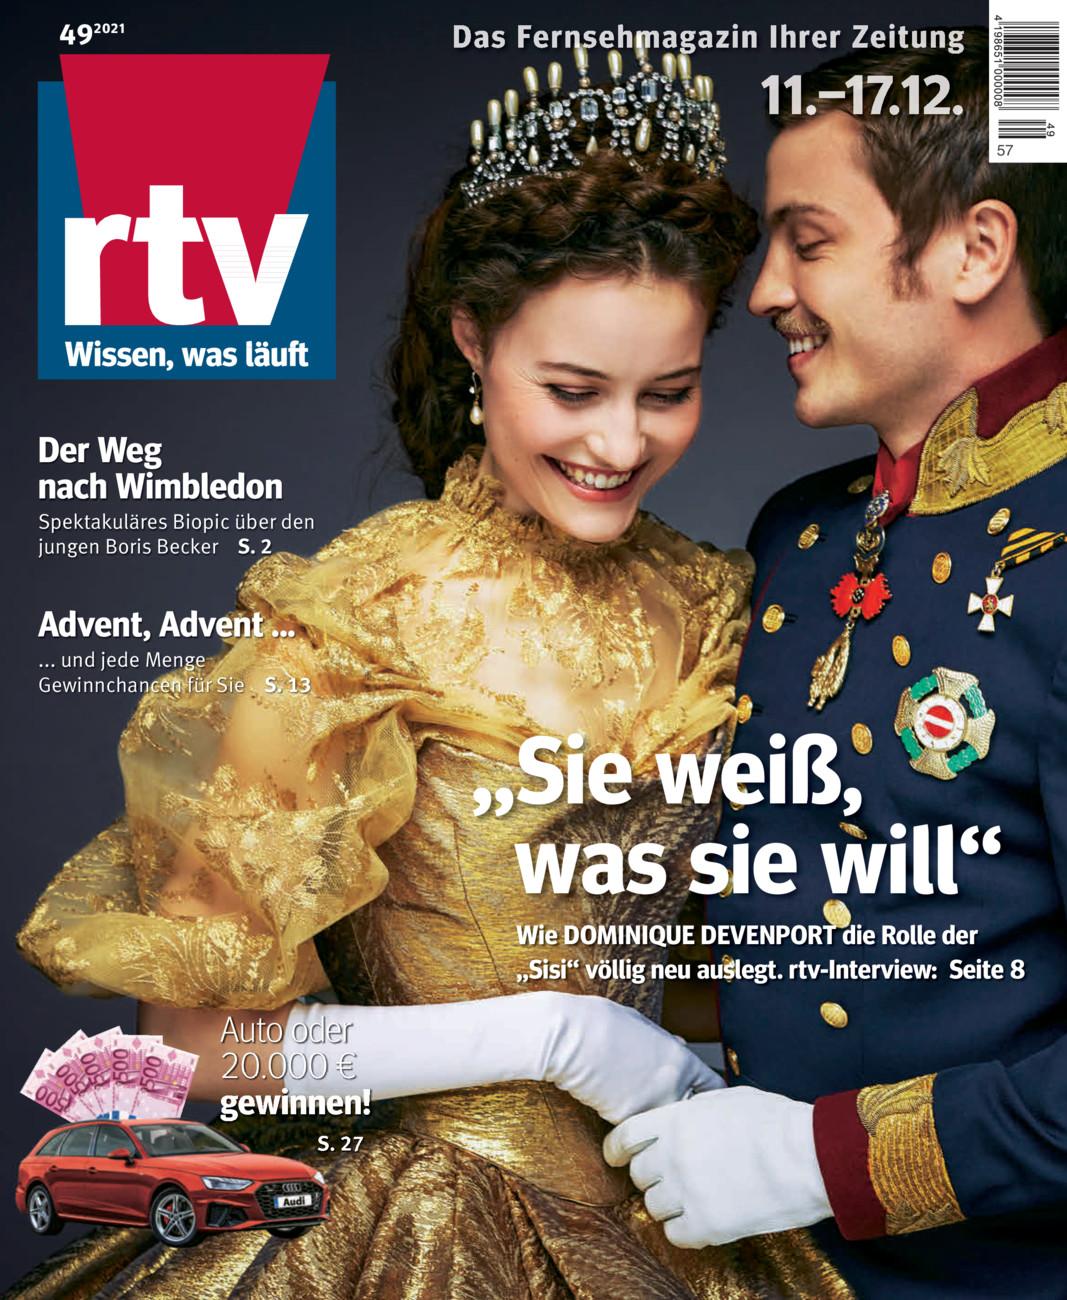 RTV Fernsehmagazin vom Dienstag, 01.12.2020